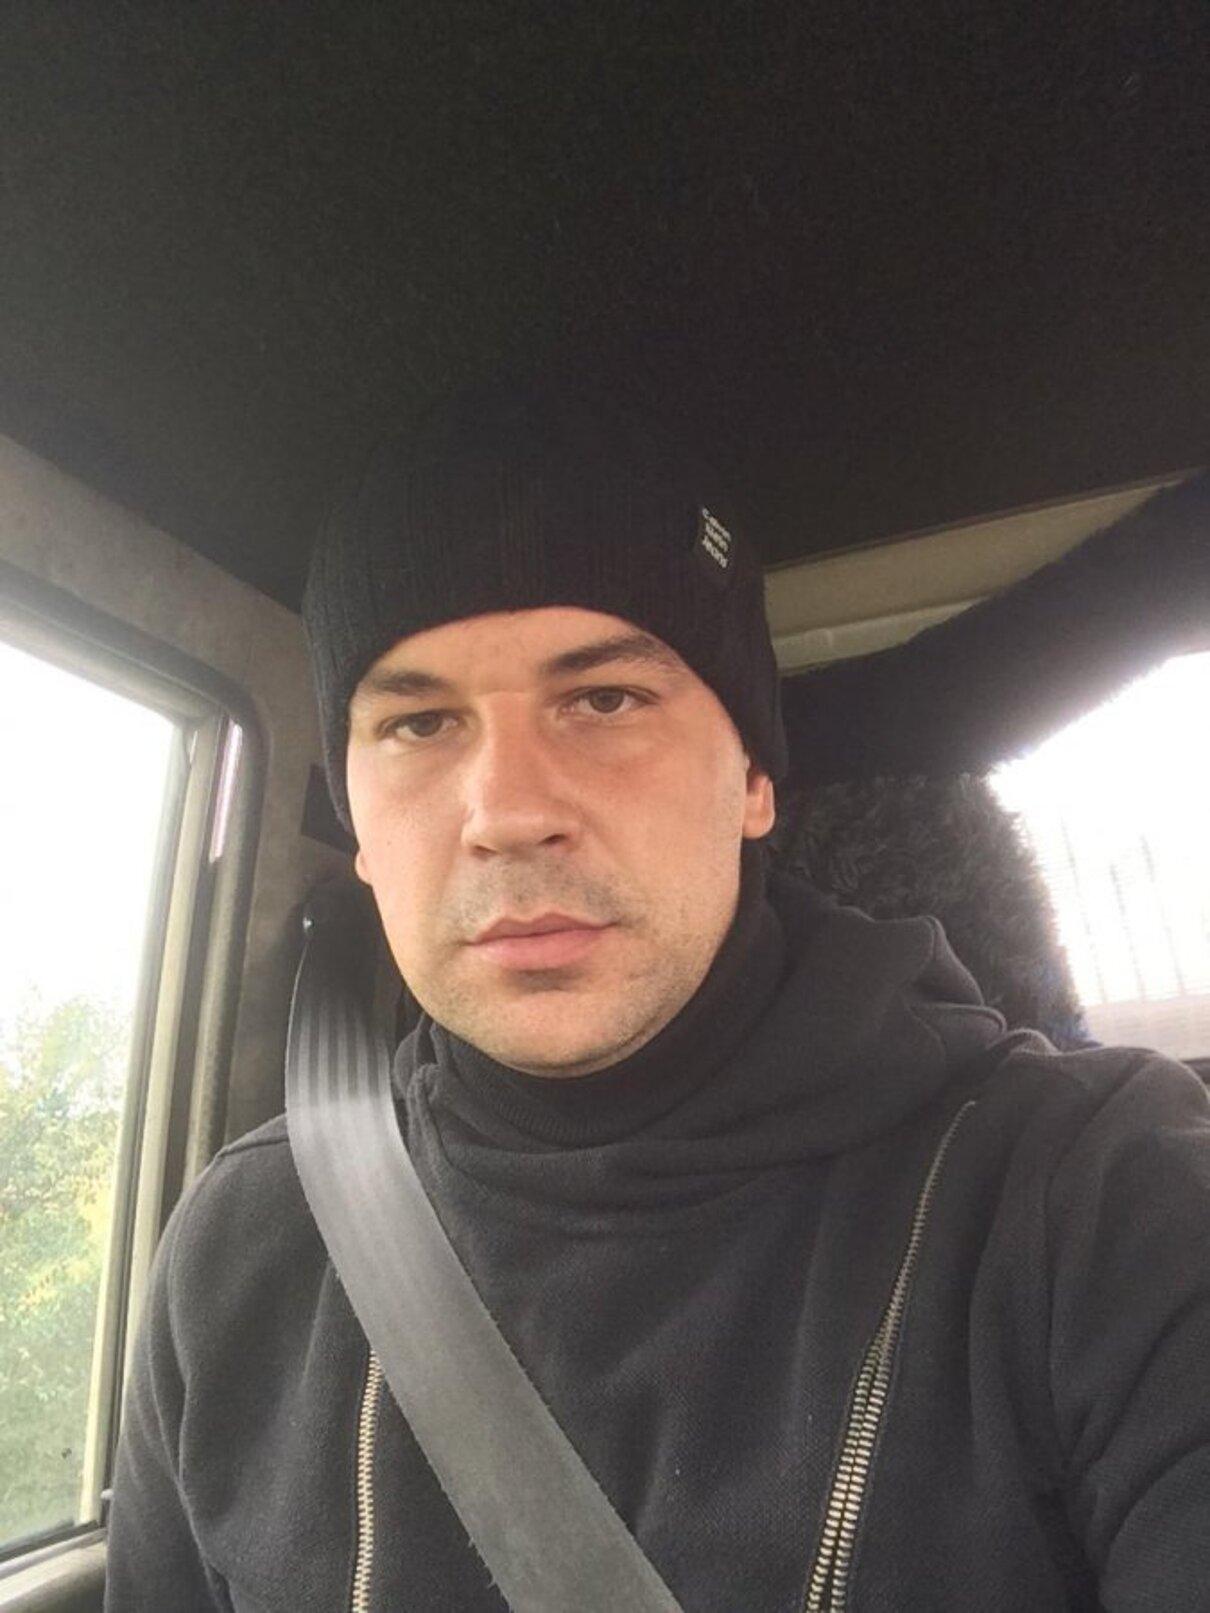 Жалоба-отзыв: Даймлер Максим Николаевич - Альфонс